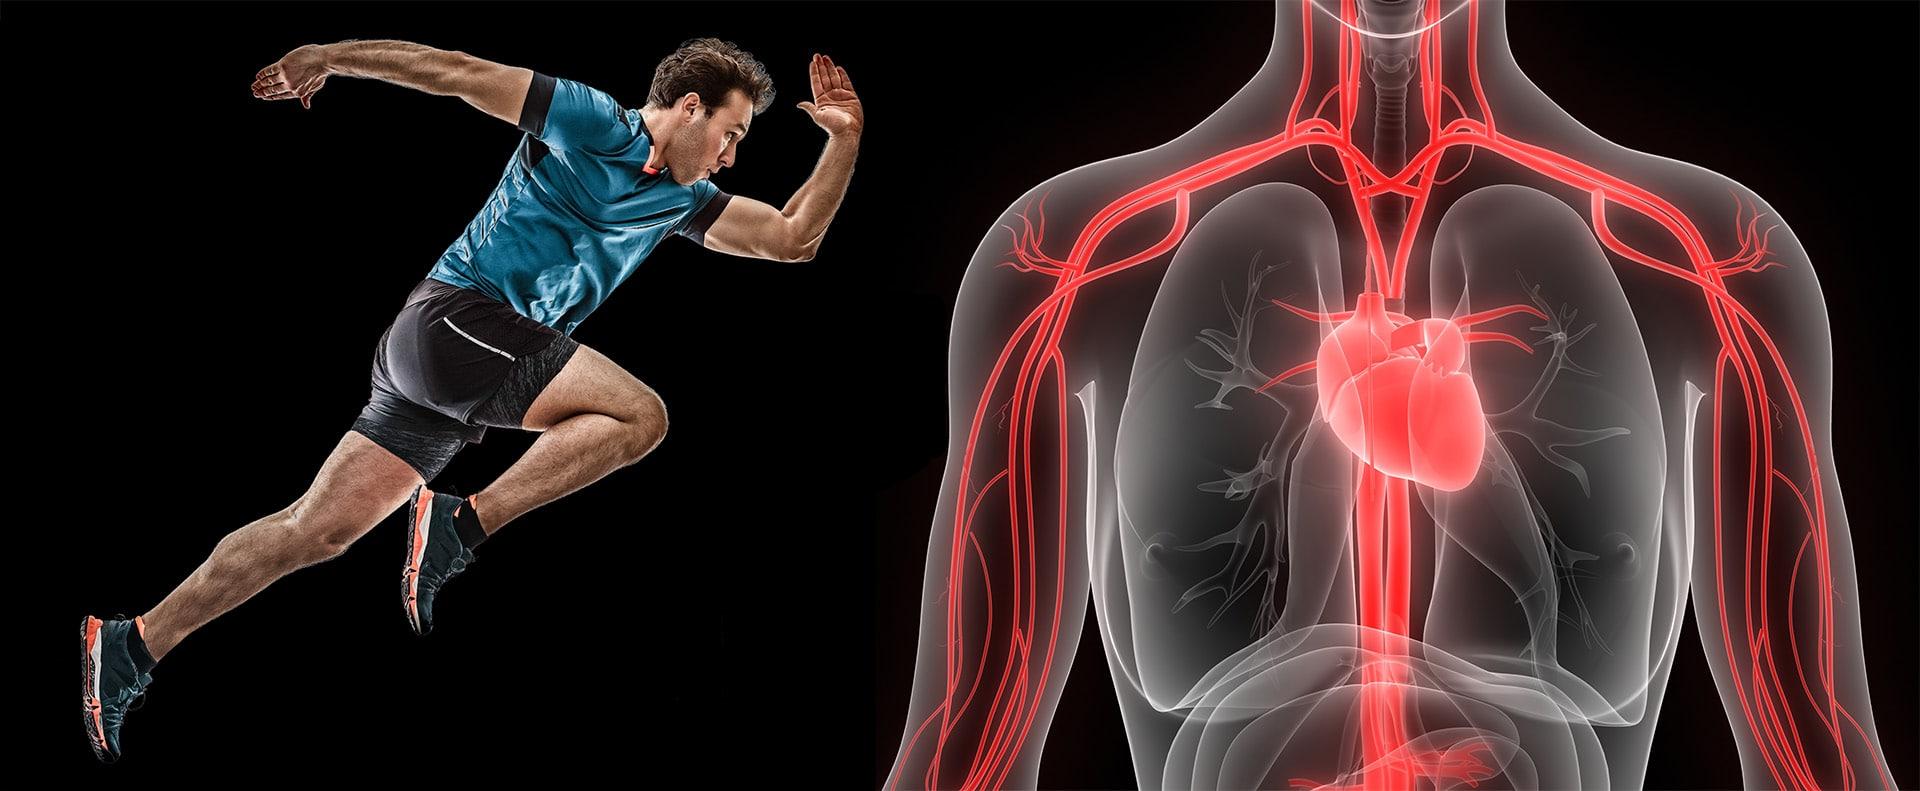 Salus blog - benefici attività sportiva sulla circolazione